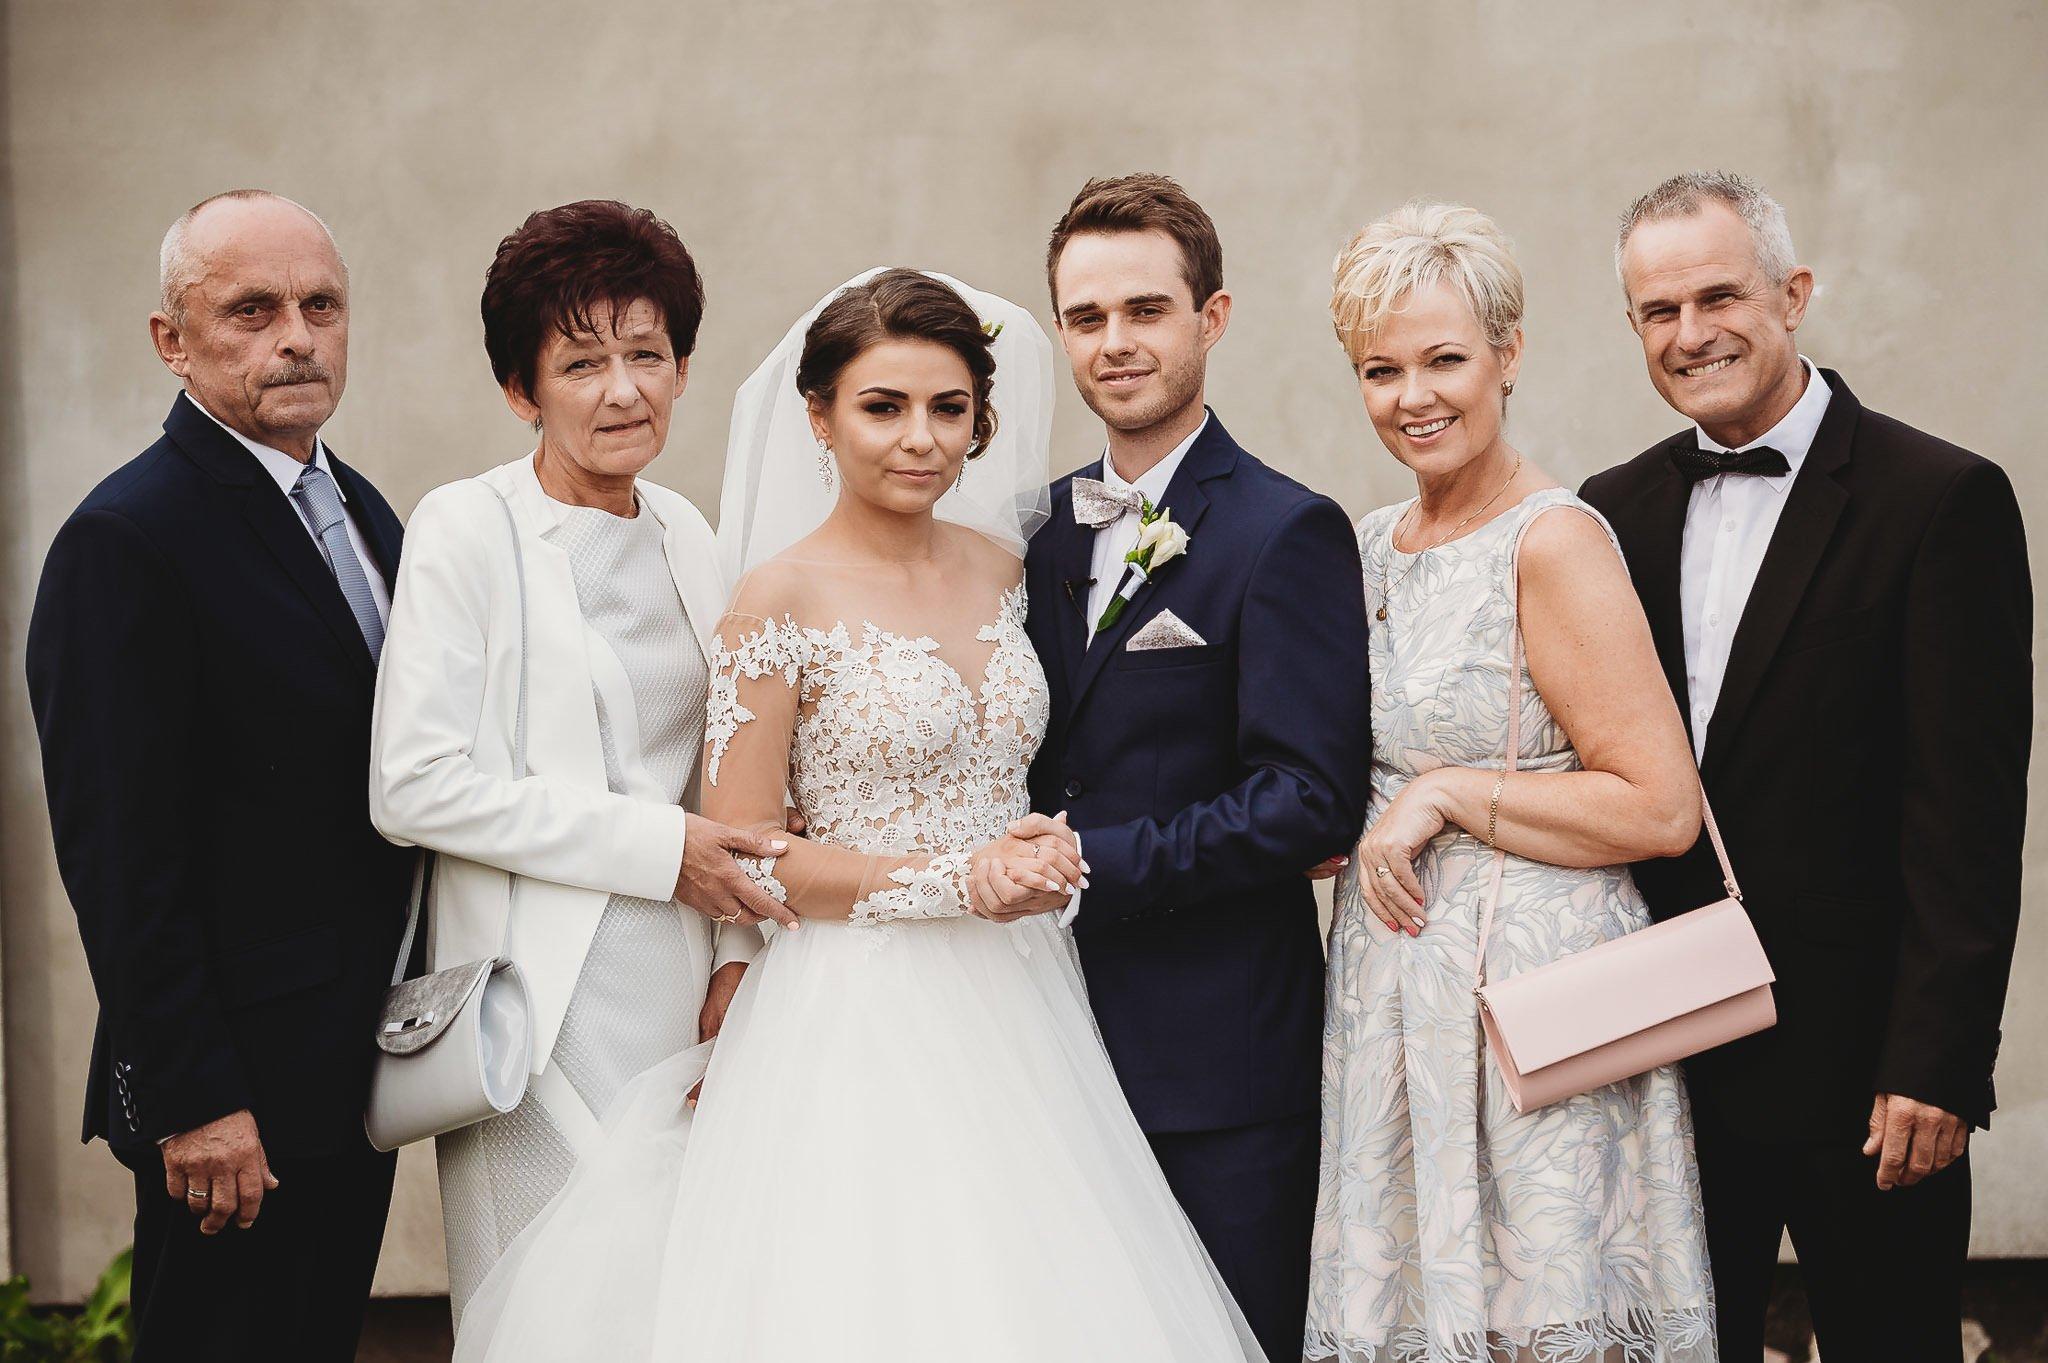 Angelika i Michał, piękne zdjęcia ślubne i sesja plenerowa w Gołuchowie 78